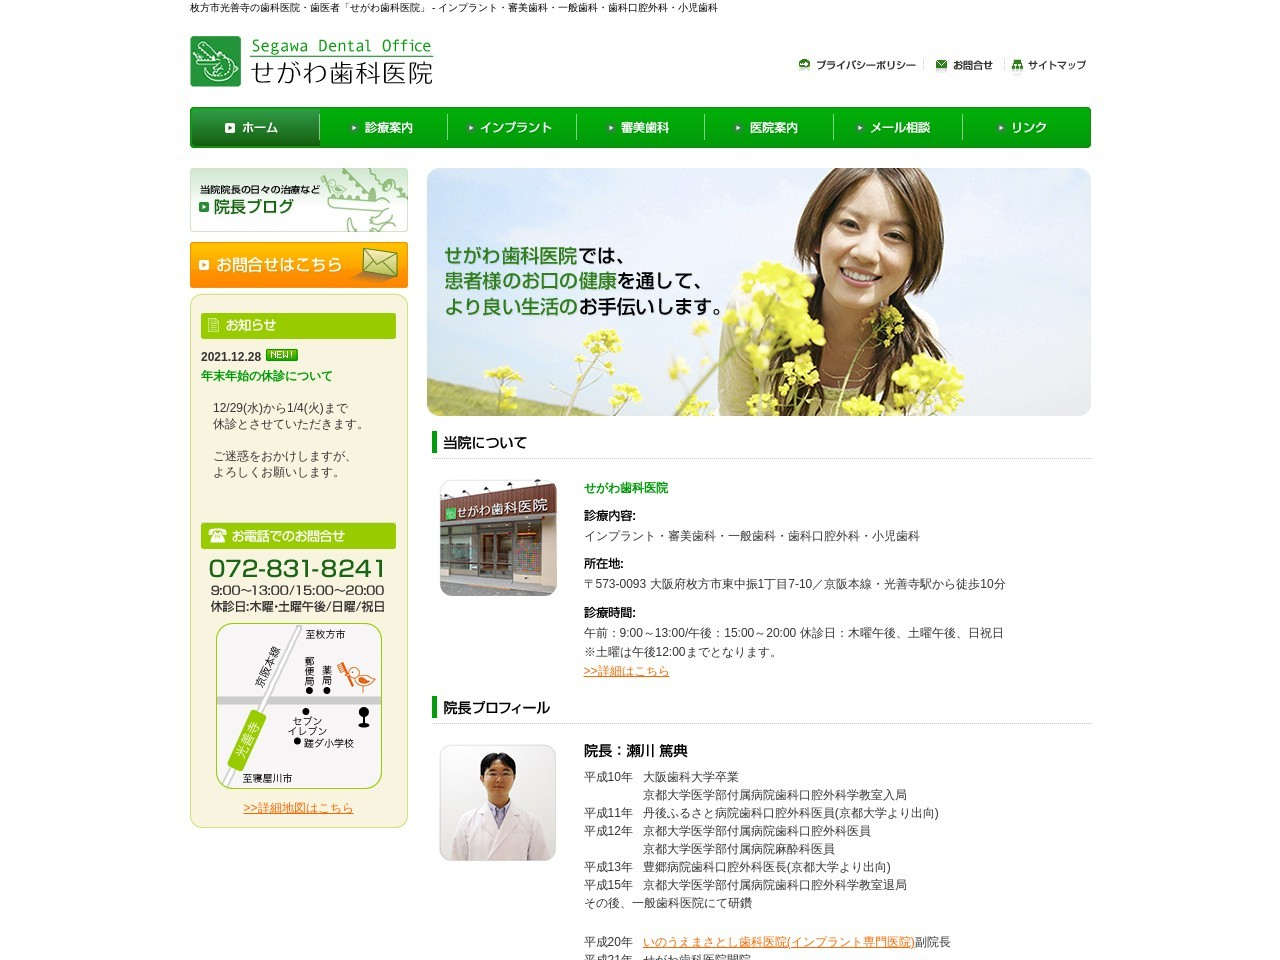 せがわ歯科医院 (大阪府枚方市)